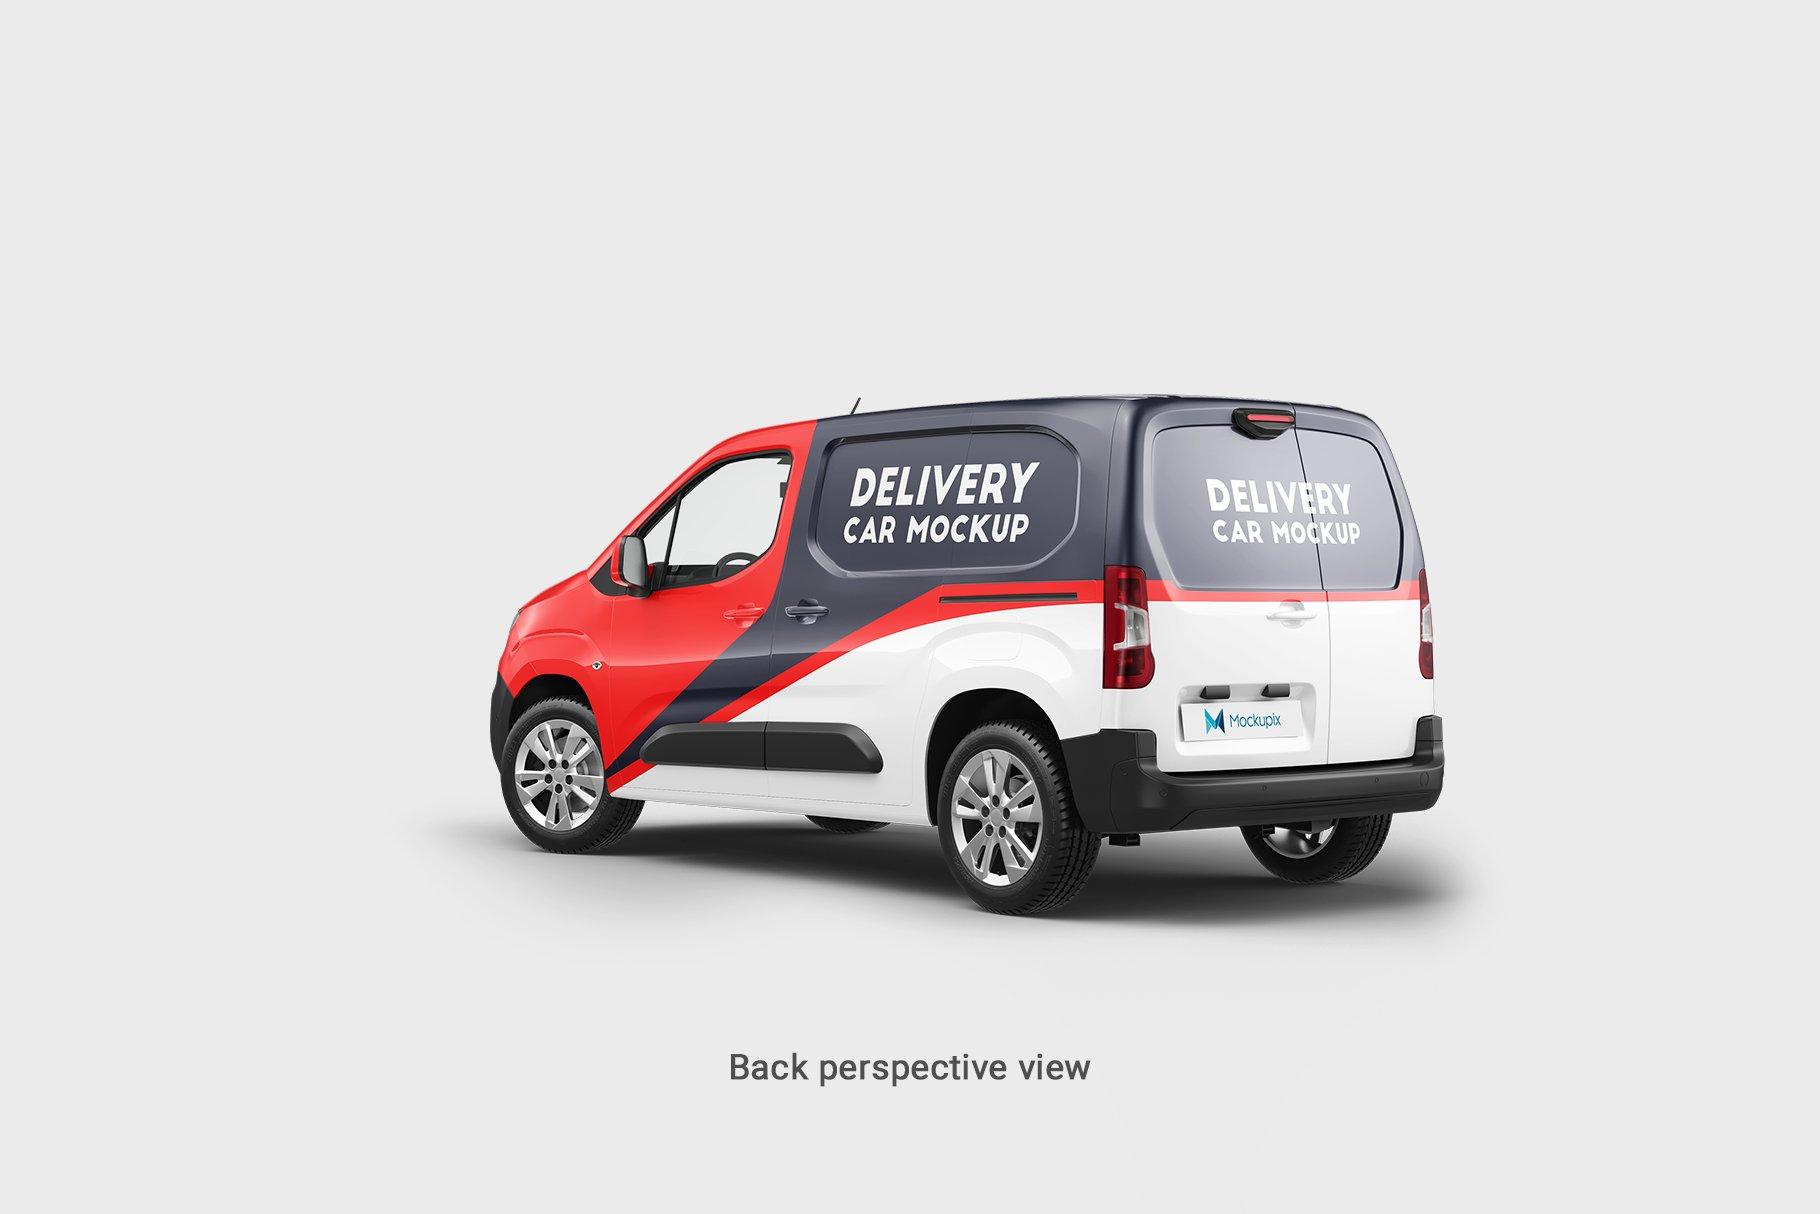 6款送货车面包车车身广告设计展示贴图样机 Delivery Car Mockup 5插图7